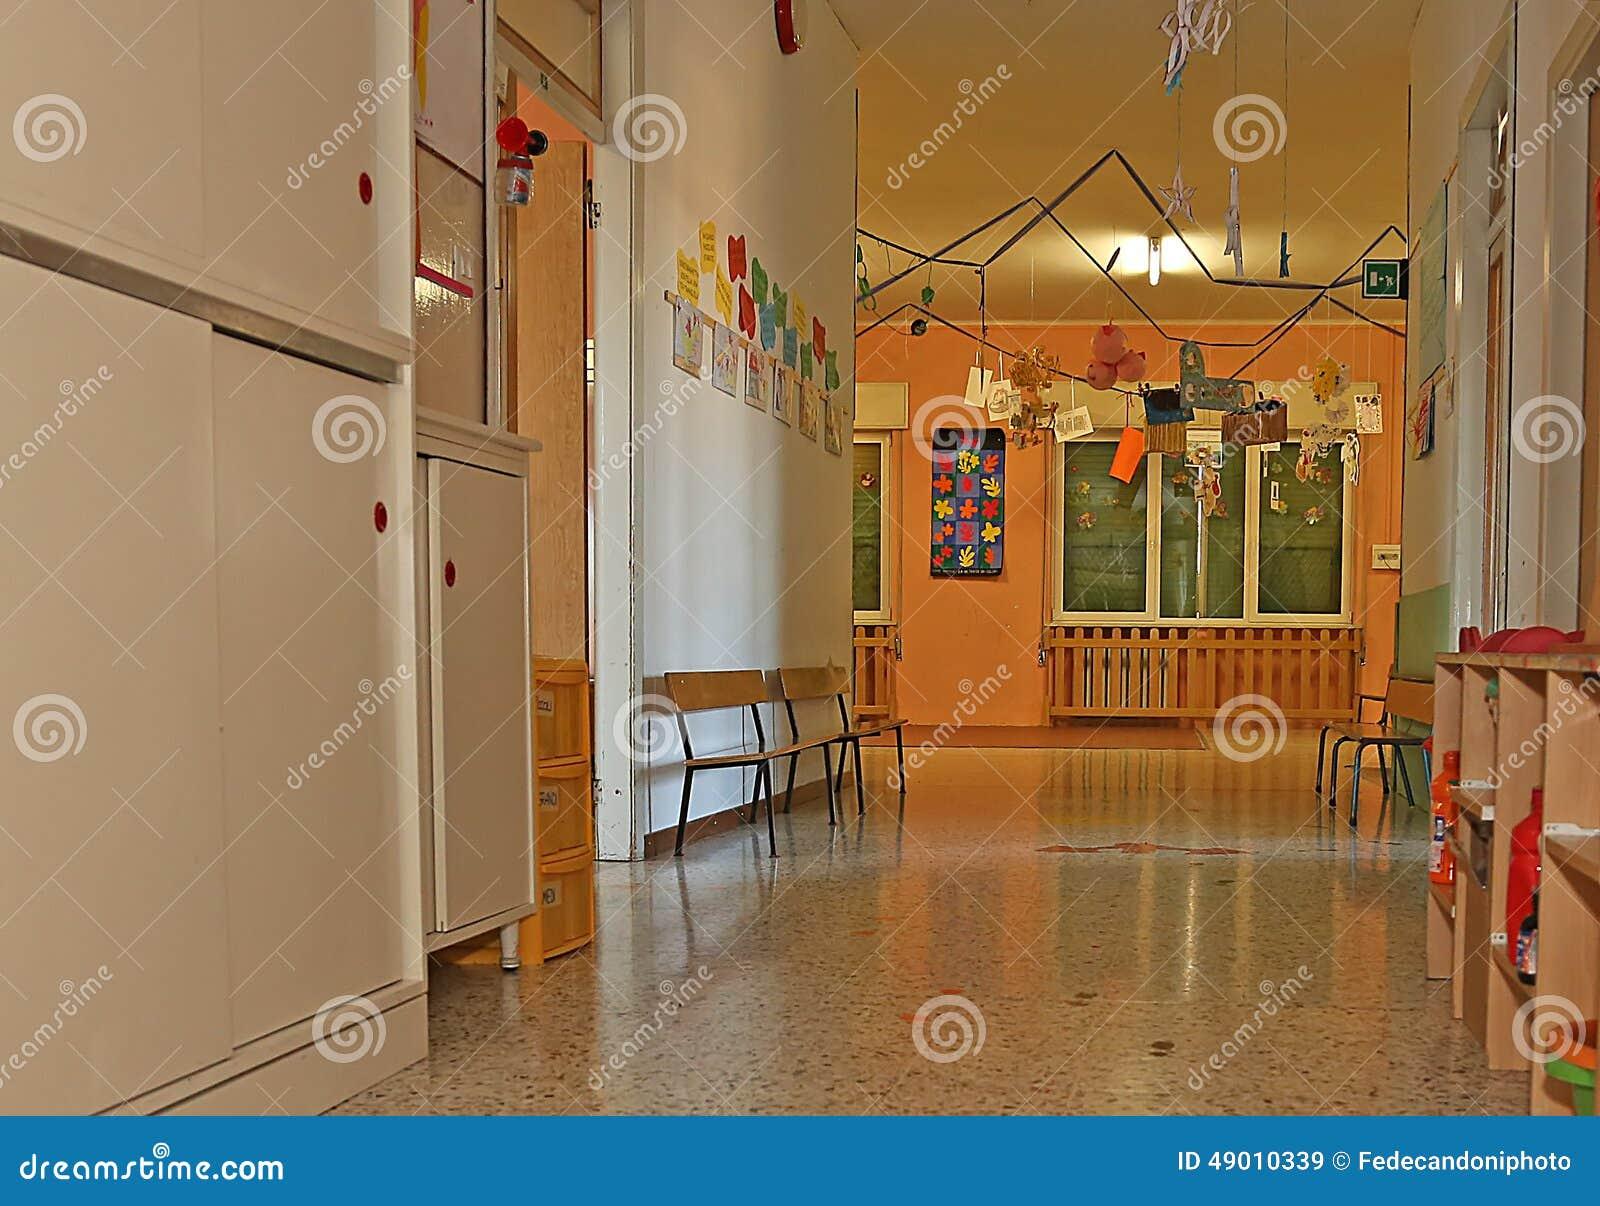 Gang van een kinderdagverblijf met de decoratie op muren for Decoratie gang